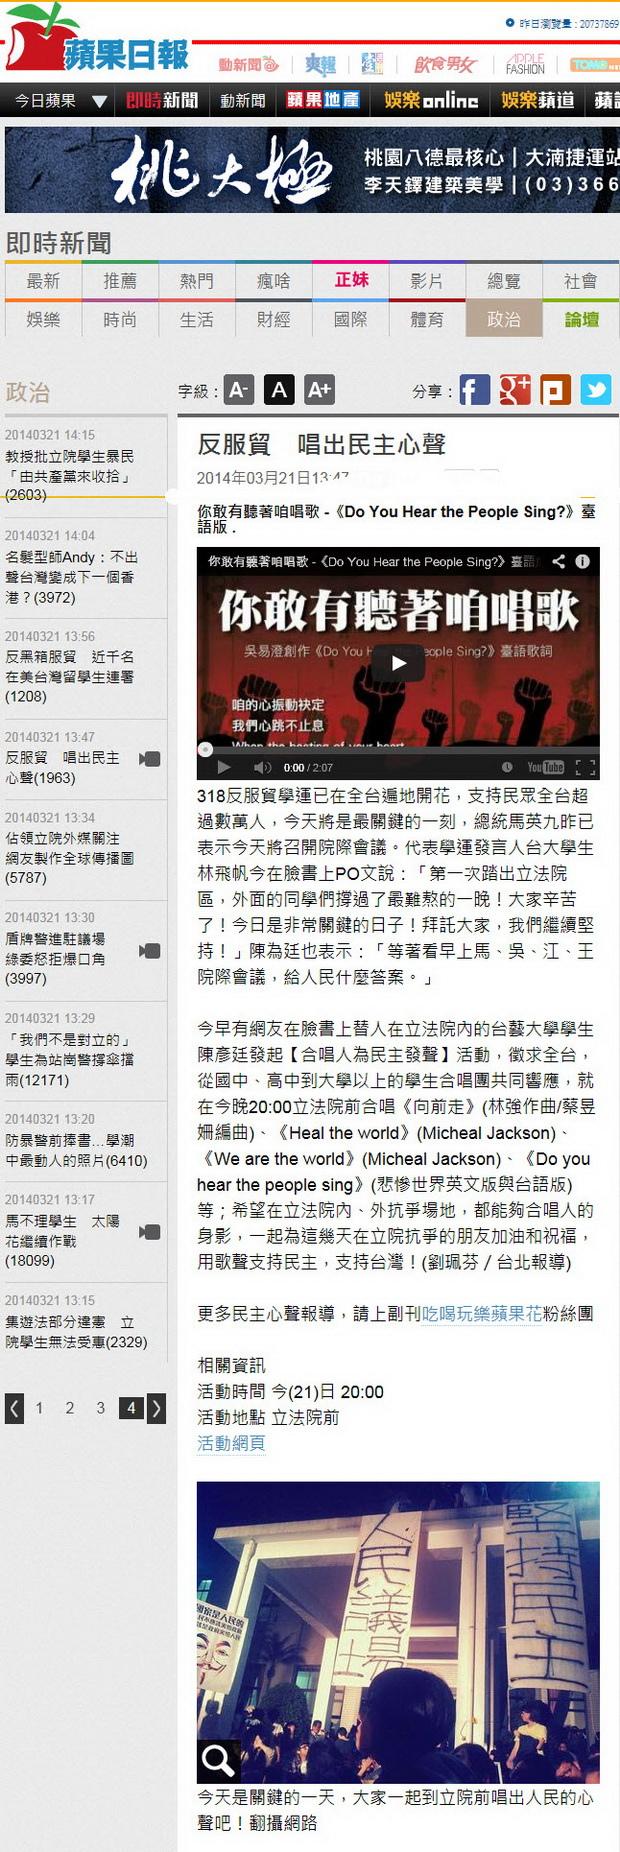 反服貿唱出民主心聲 -2014.03.21.jpg